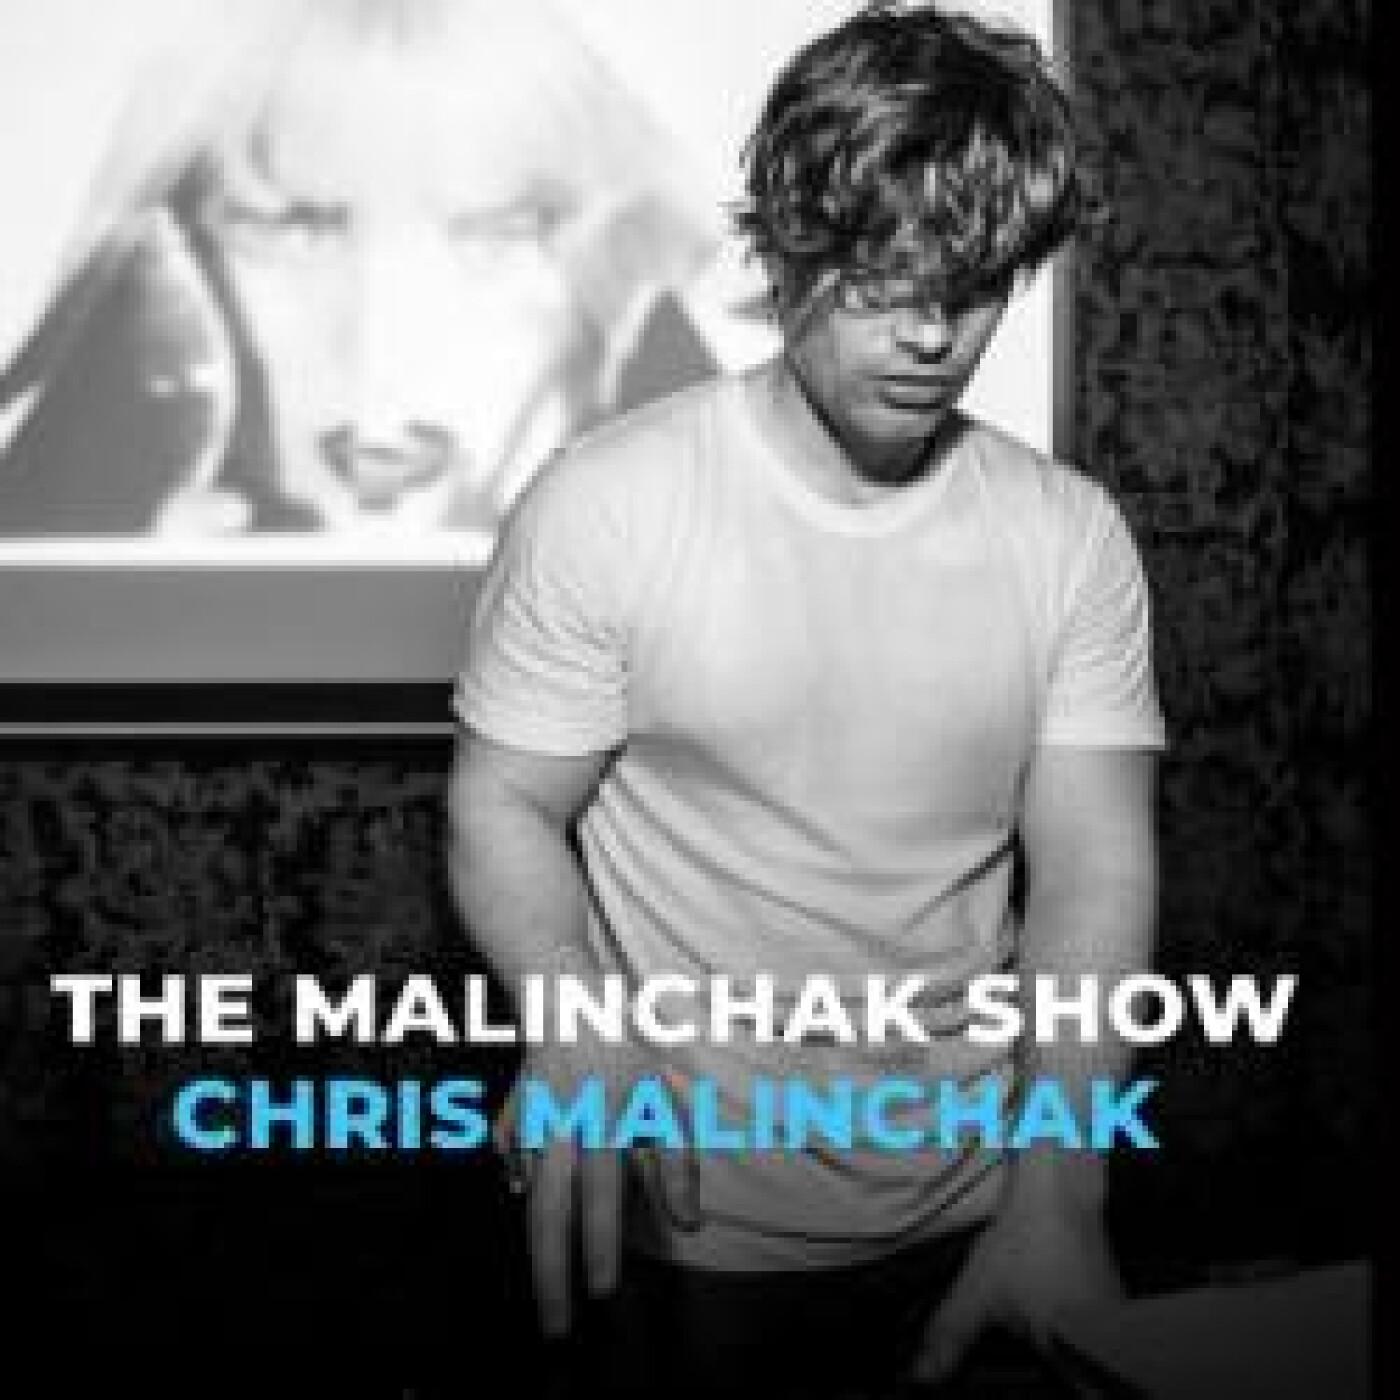 THE MALINCHAK SHOW DU 19 MAI 2021